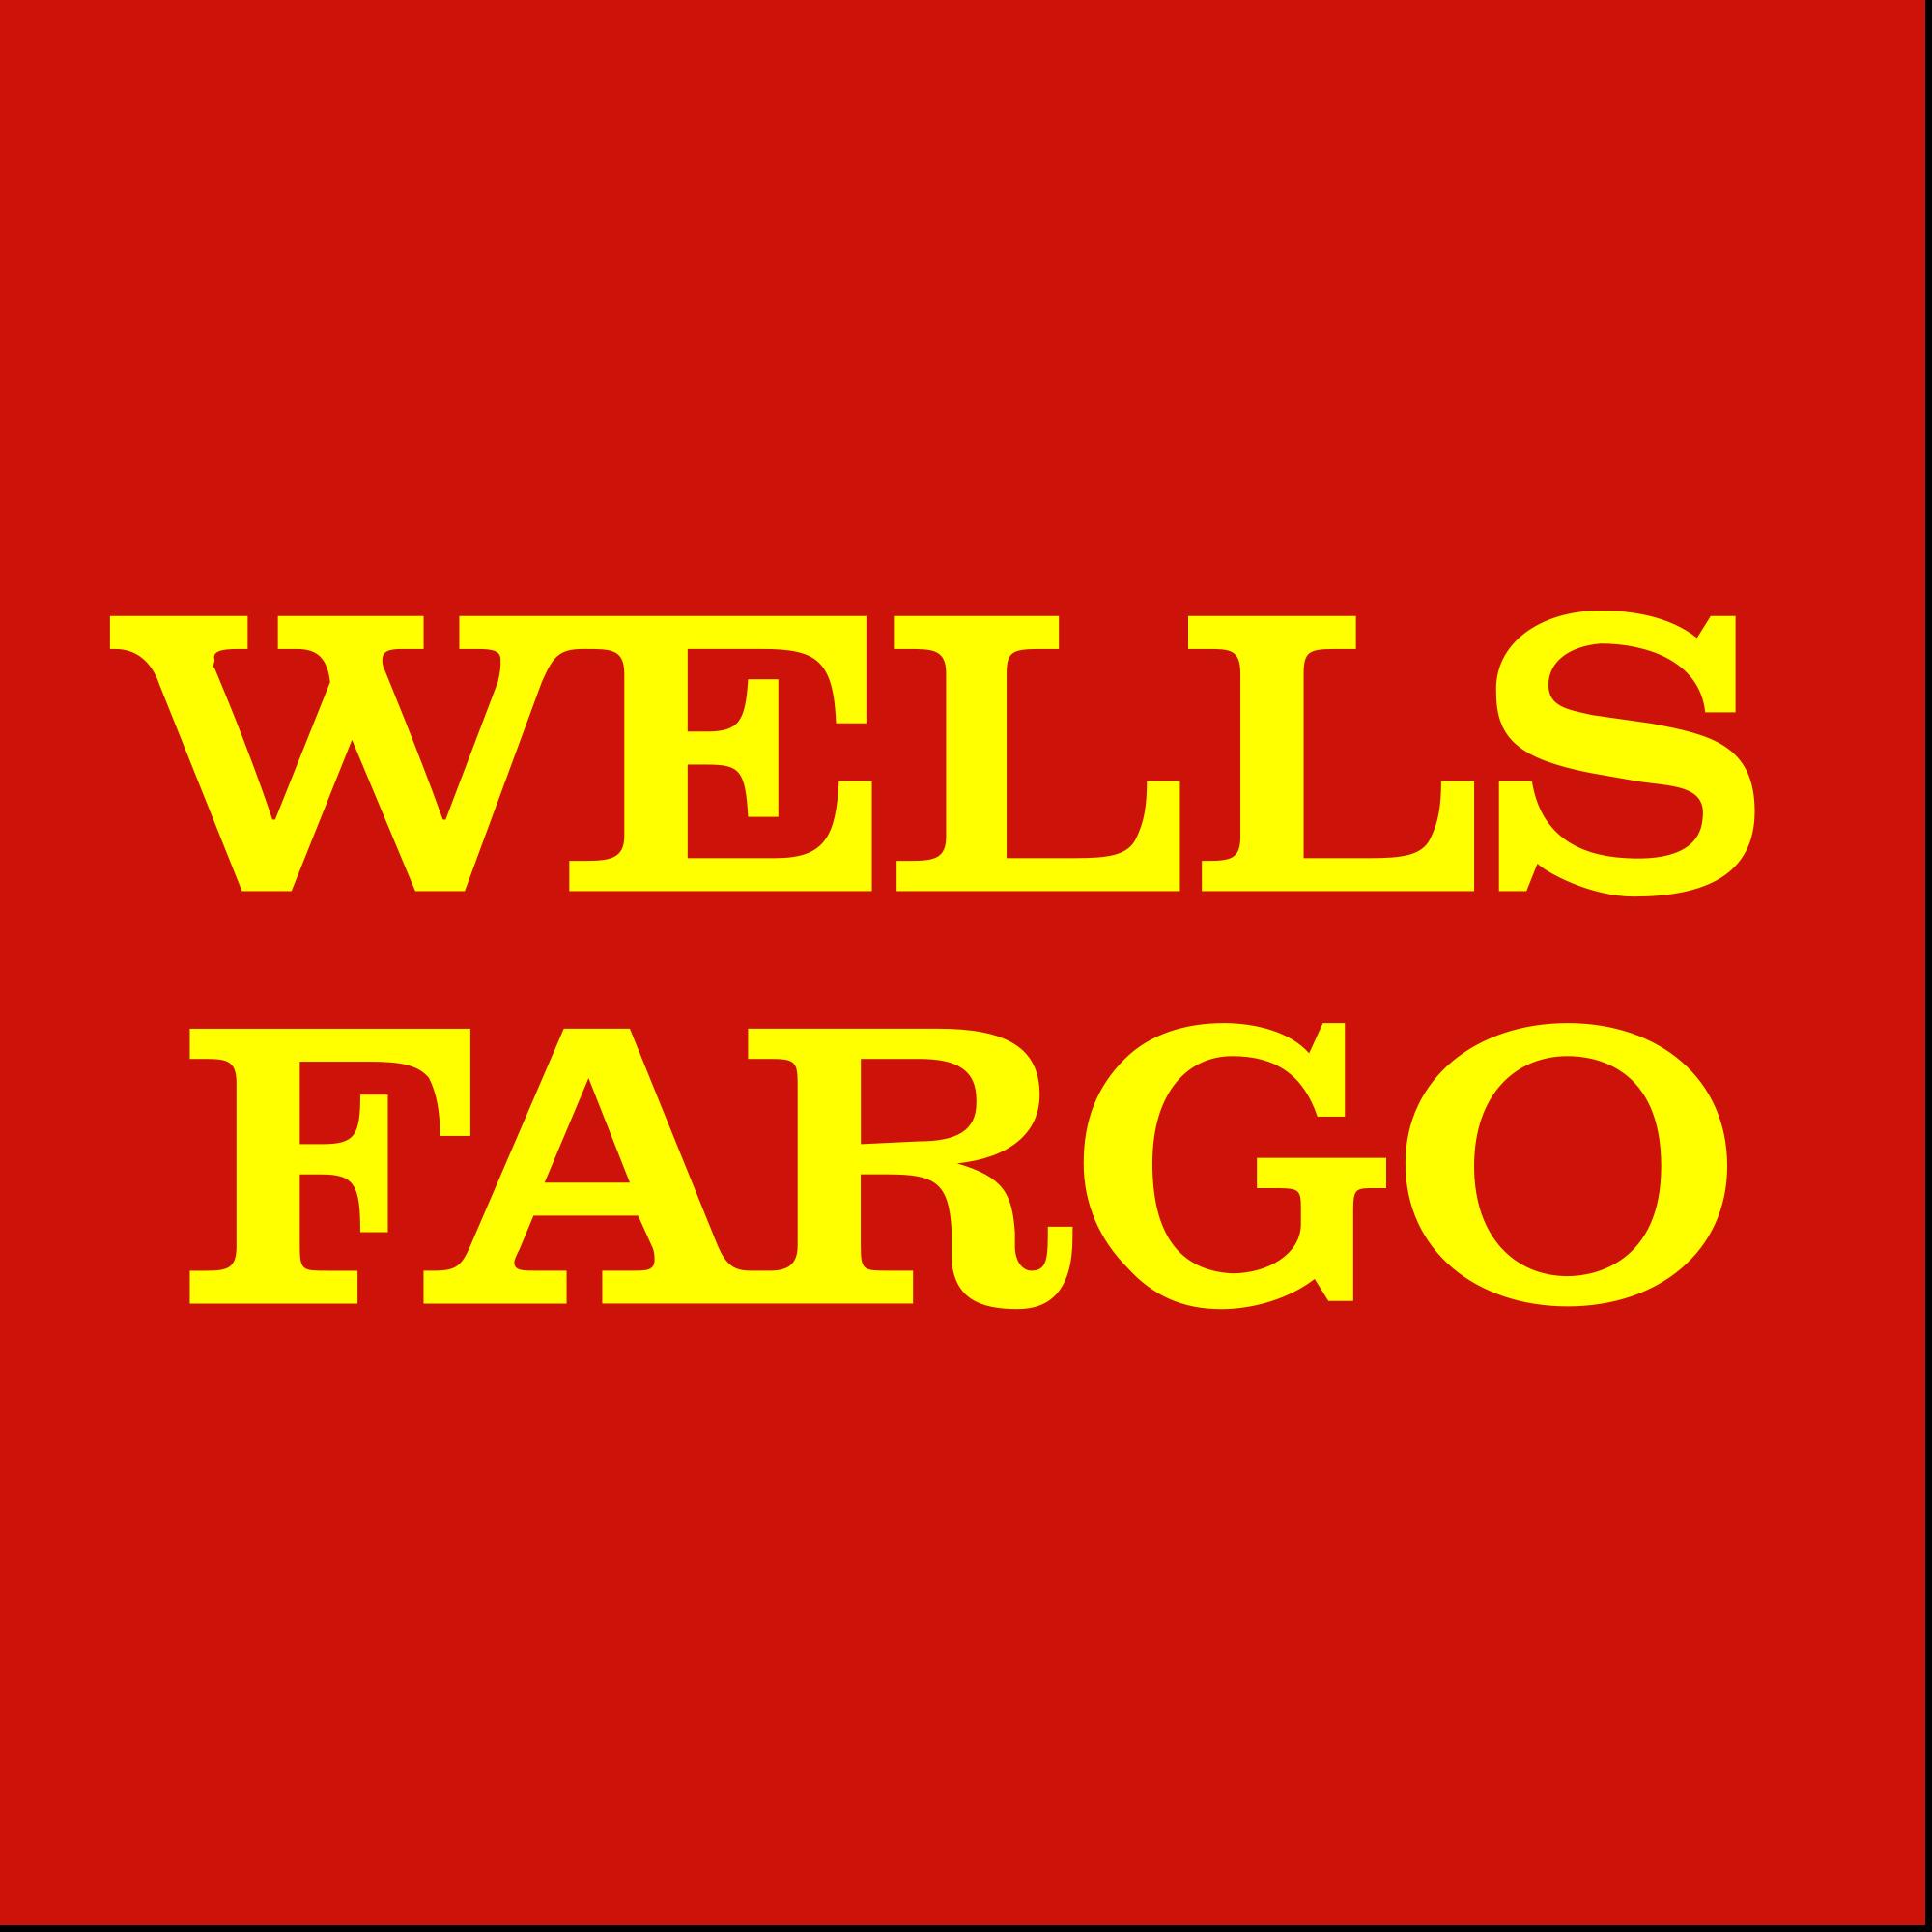 Wells Fargo's Logo